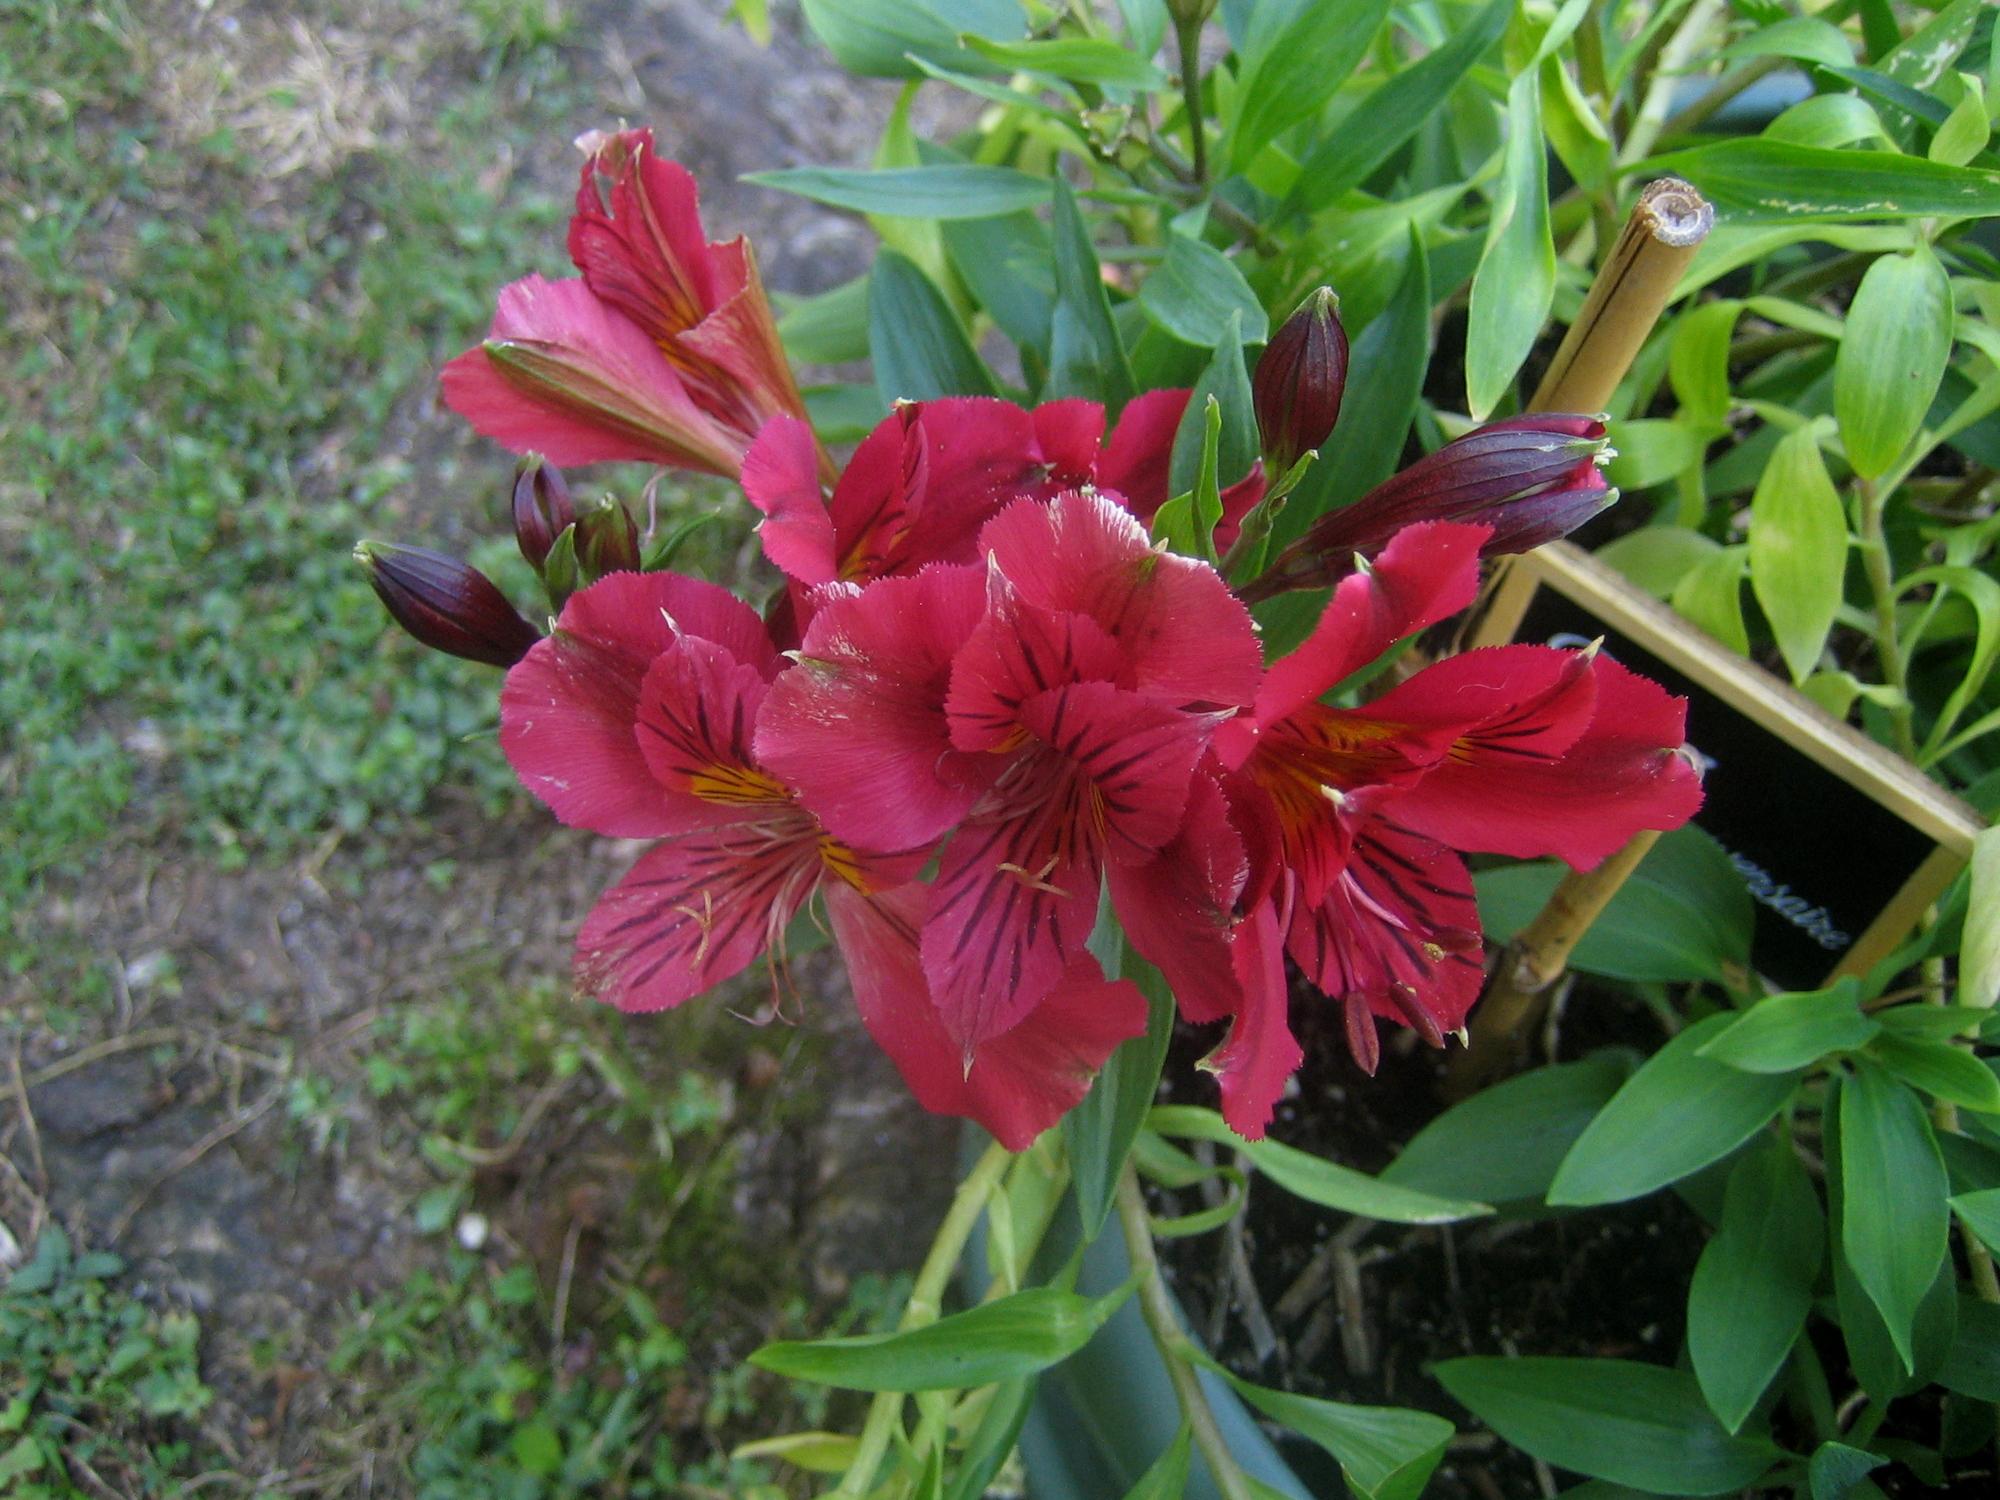 Lys des incas ou alstroemeria fleur de la f licit mes ailleurs - Peinture qui ne coule pas ...